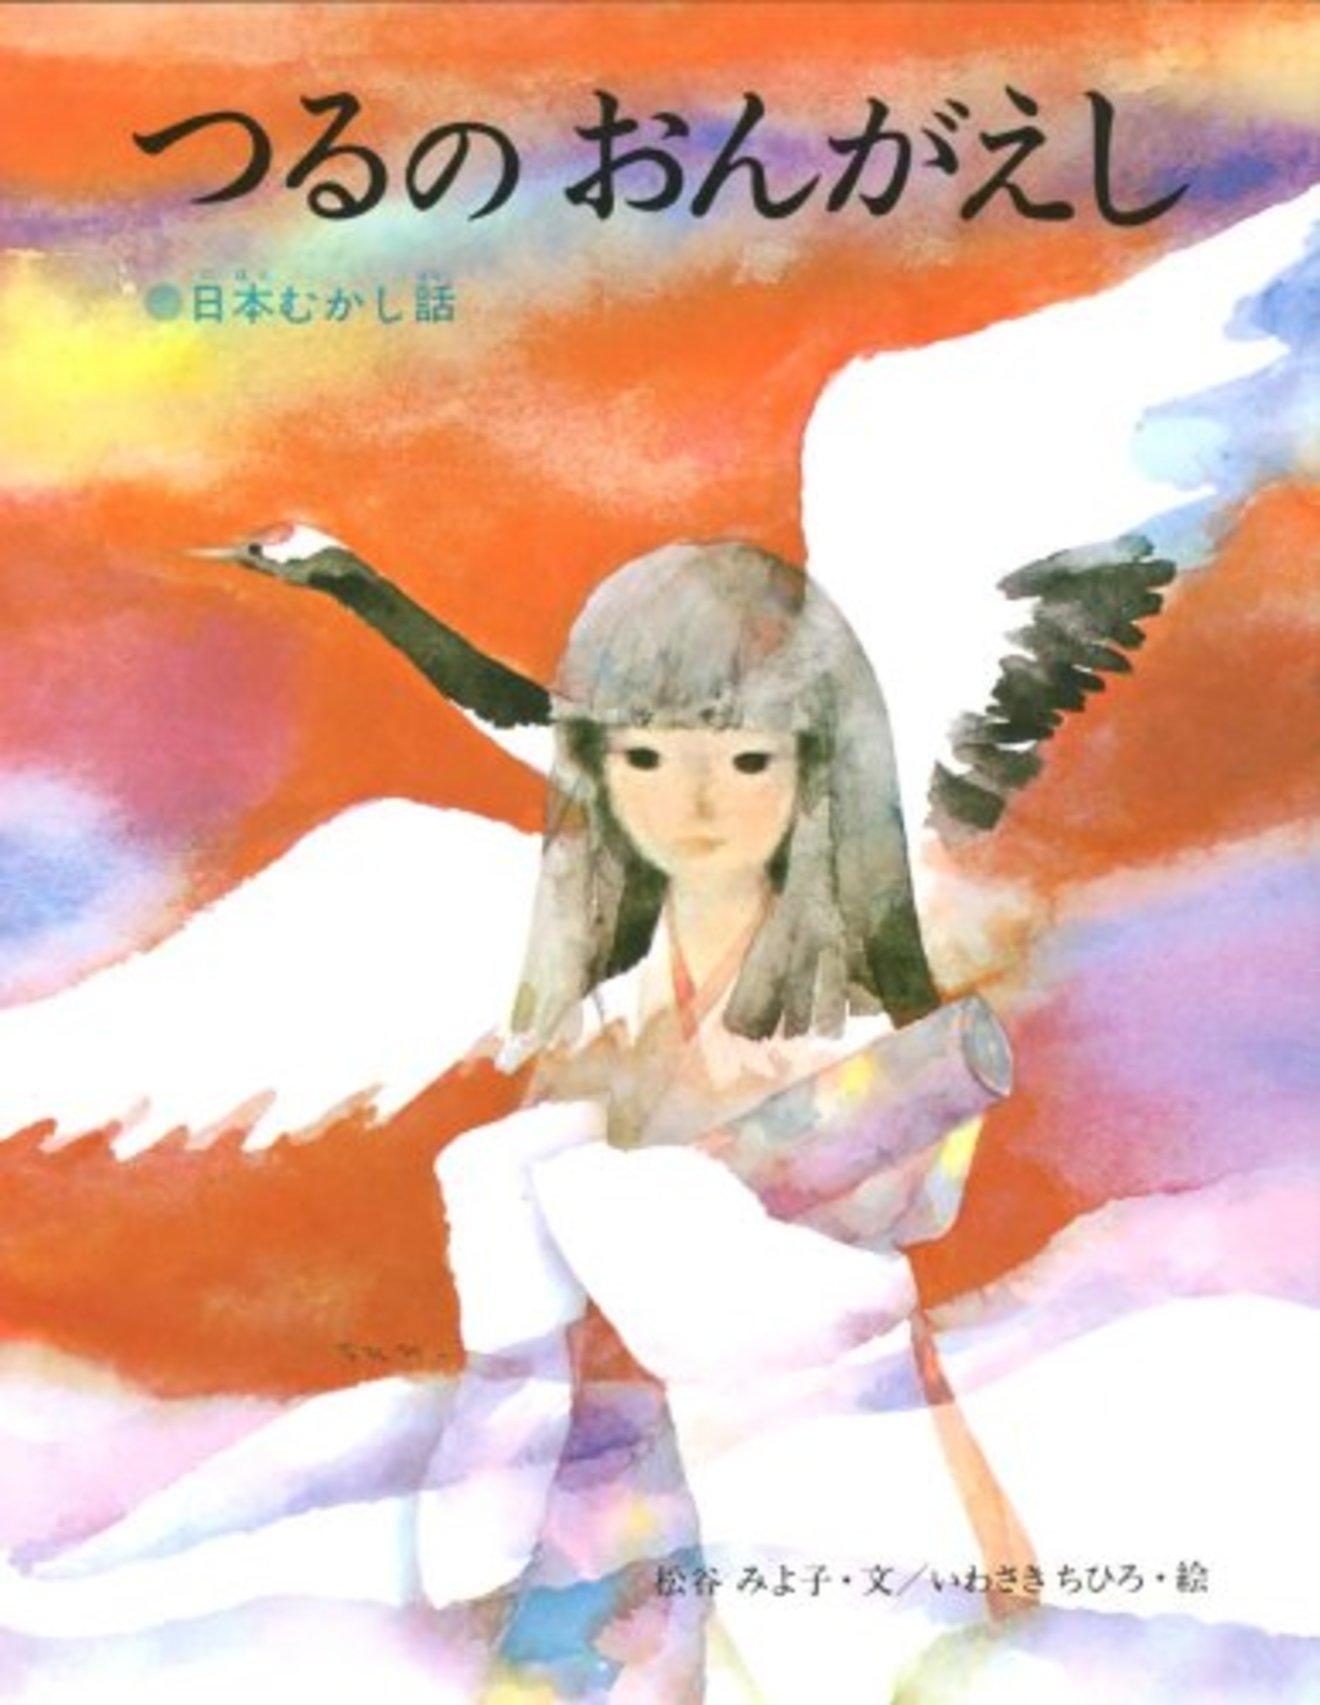 日本の昔話これだけは読んでおきたい!おすすめの定番絵本5選!